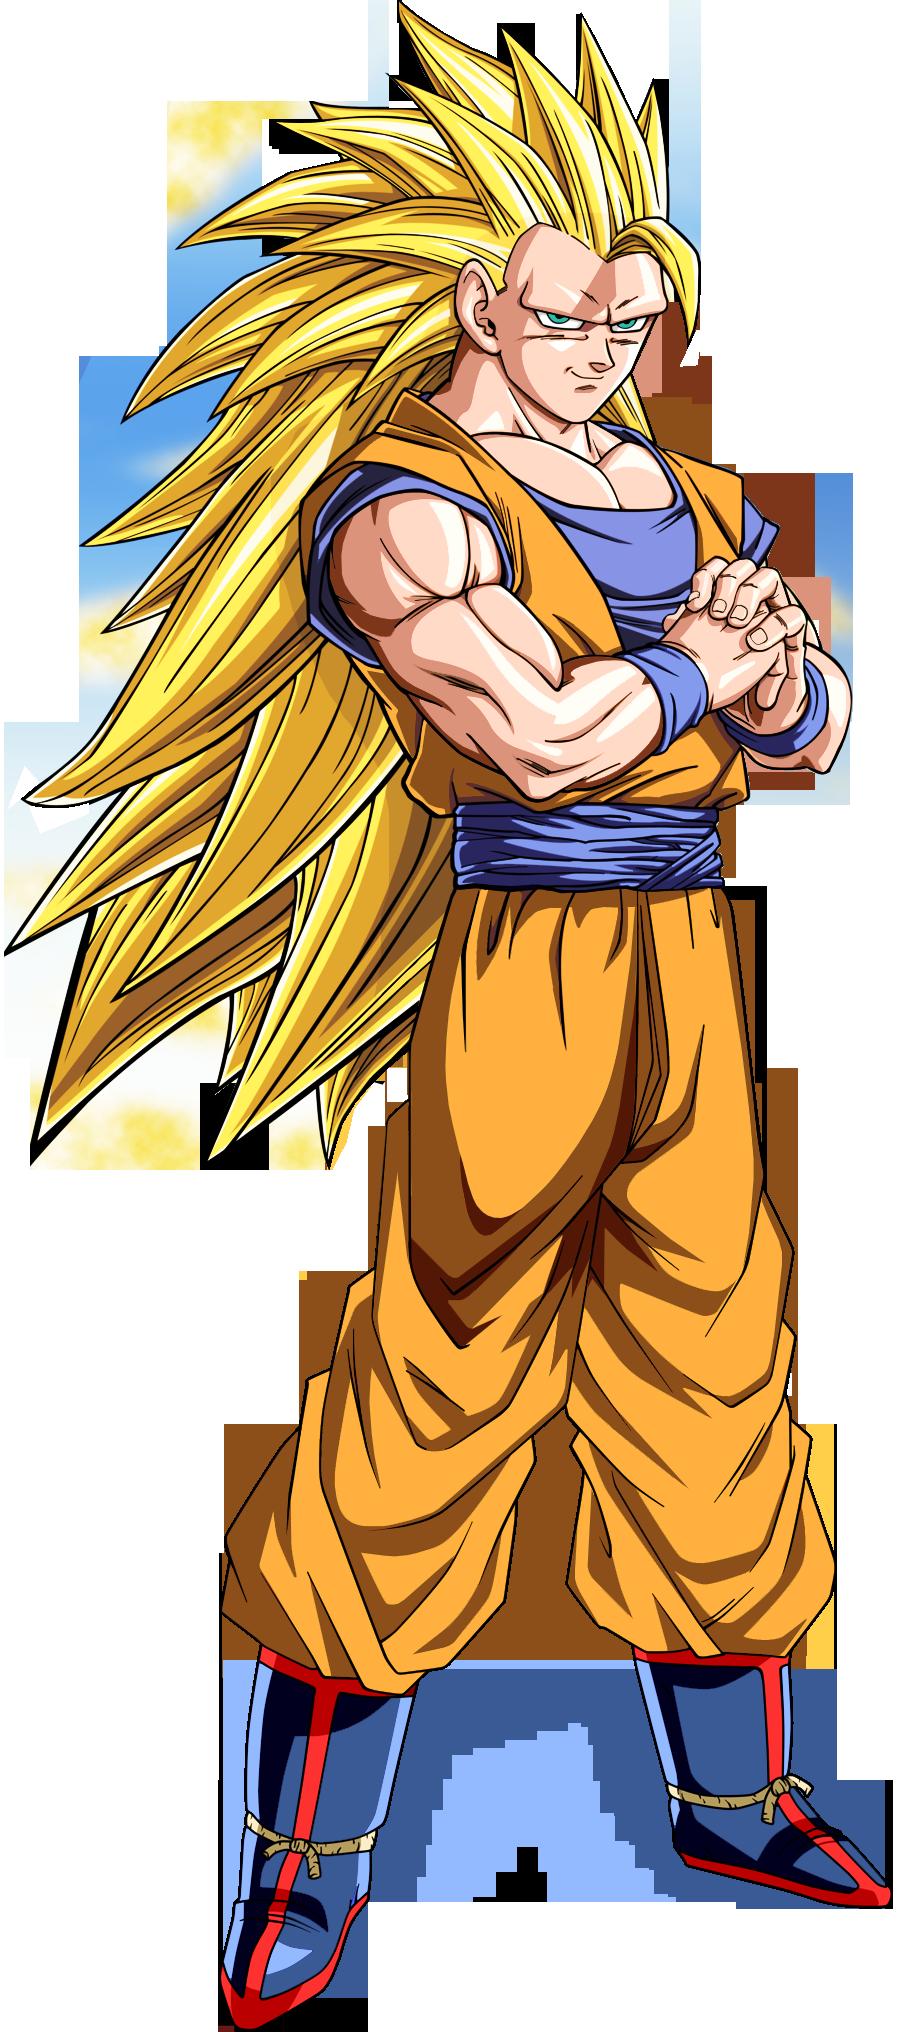 Goku super saiyajin fase 3 drag n ball z goku - Sangoku sangohan ...